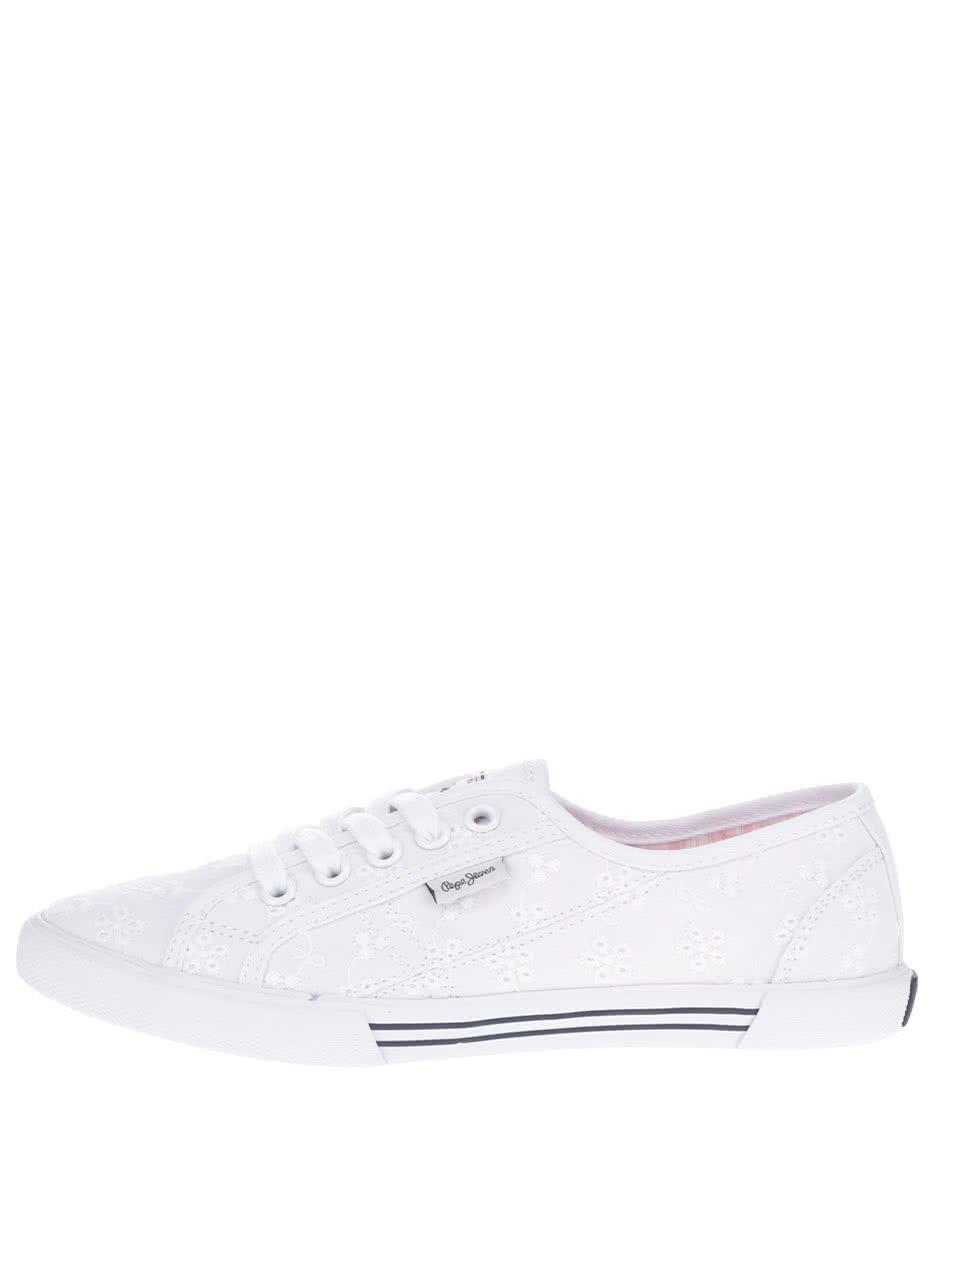 Bílé dámské tenisky s výšivkou Pepe Jeans Aberlady Anglaise